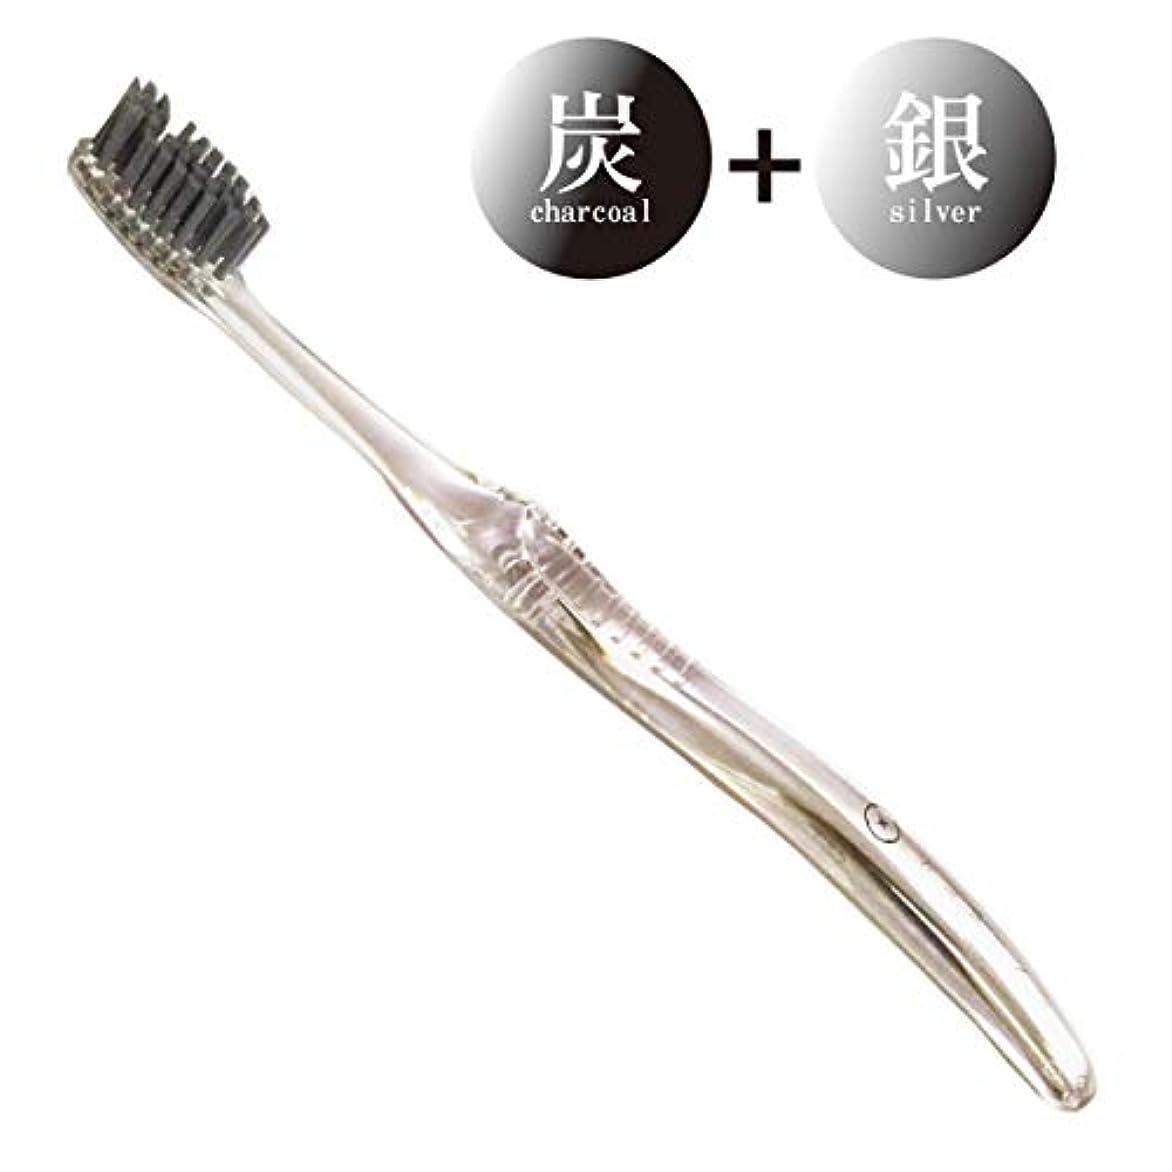 シプリーリアル辛な備長炭練込歯ブラシ SUMINO コンパクトヘッド ふつう 全毛抗菌 日本製